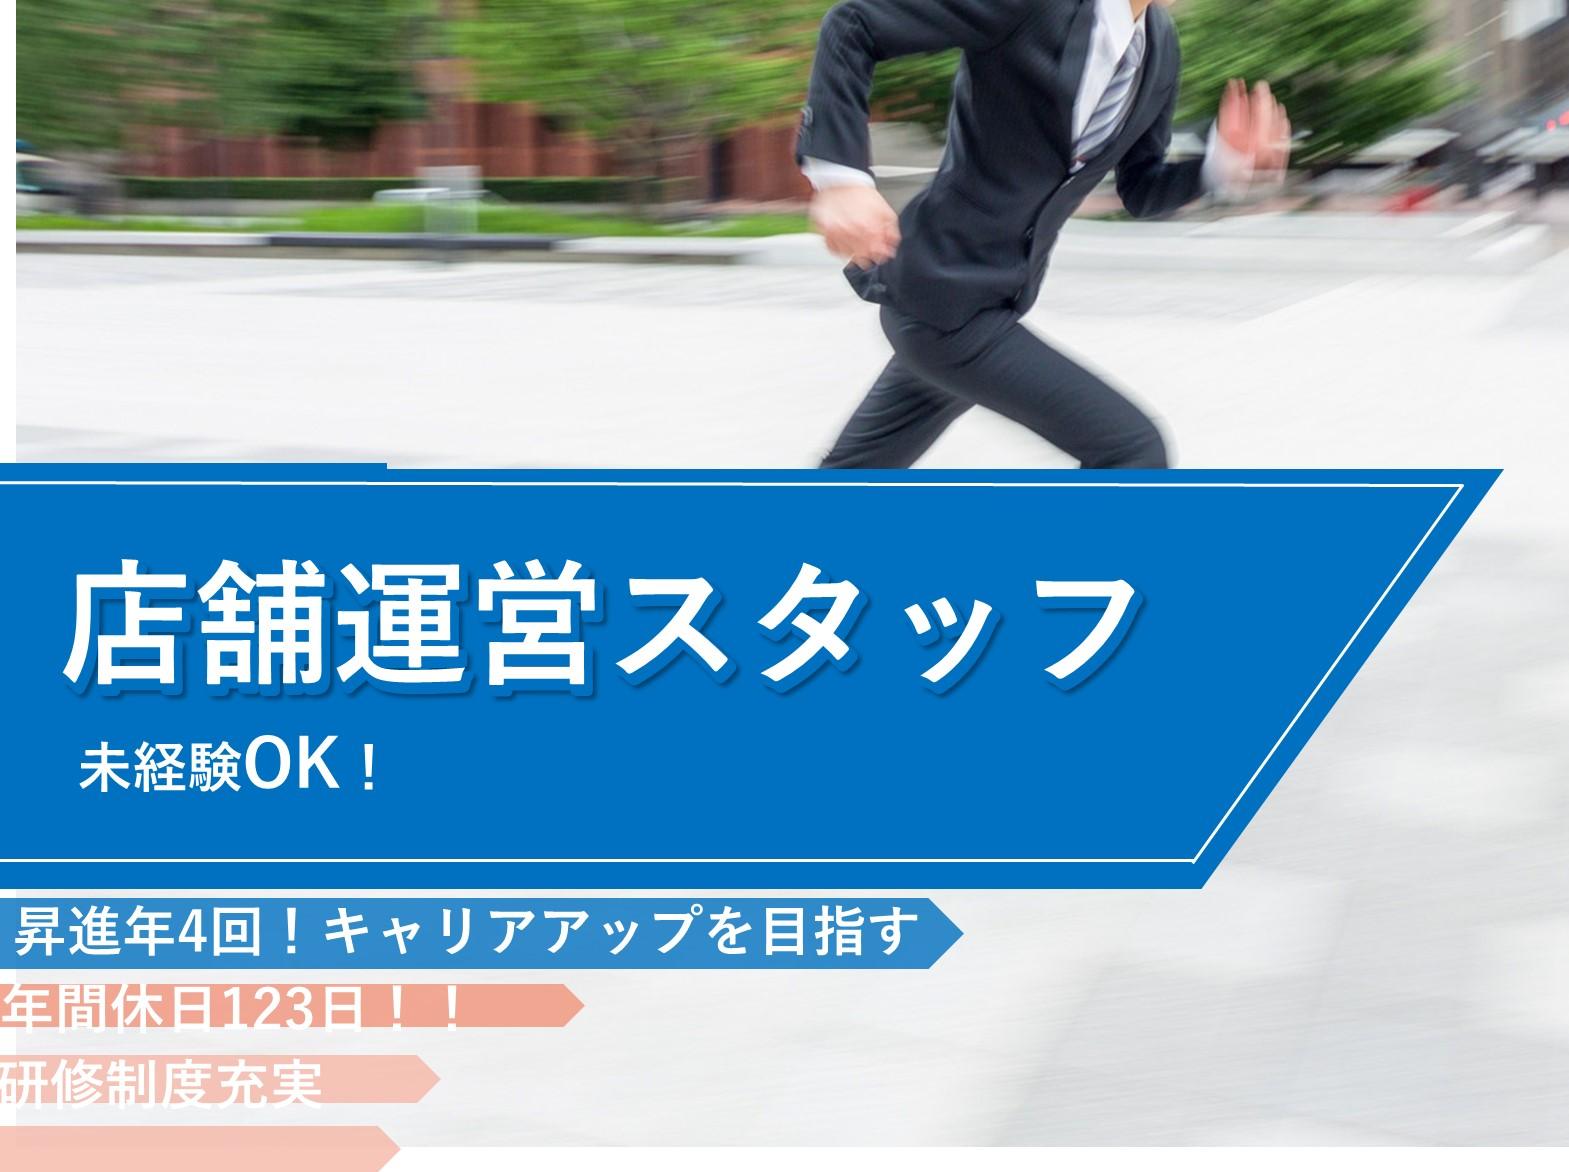 ★急募★年間休日123日!昇進年4回!【正社員】牛丼屋店舗運営スタッフ イメージ